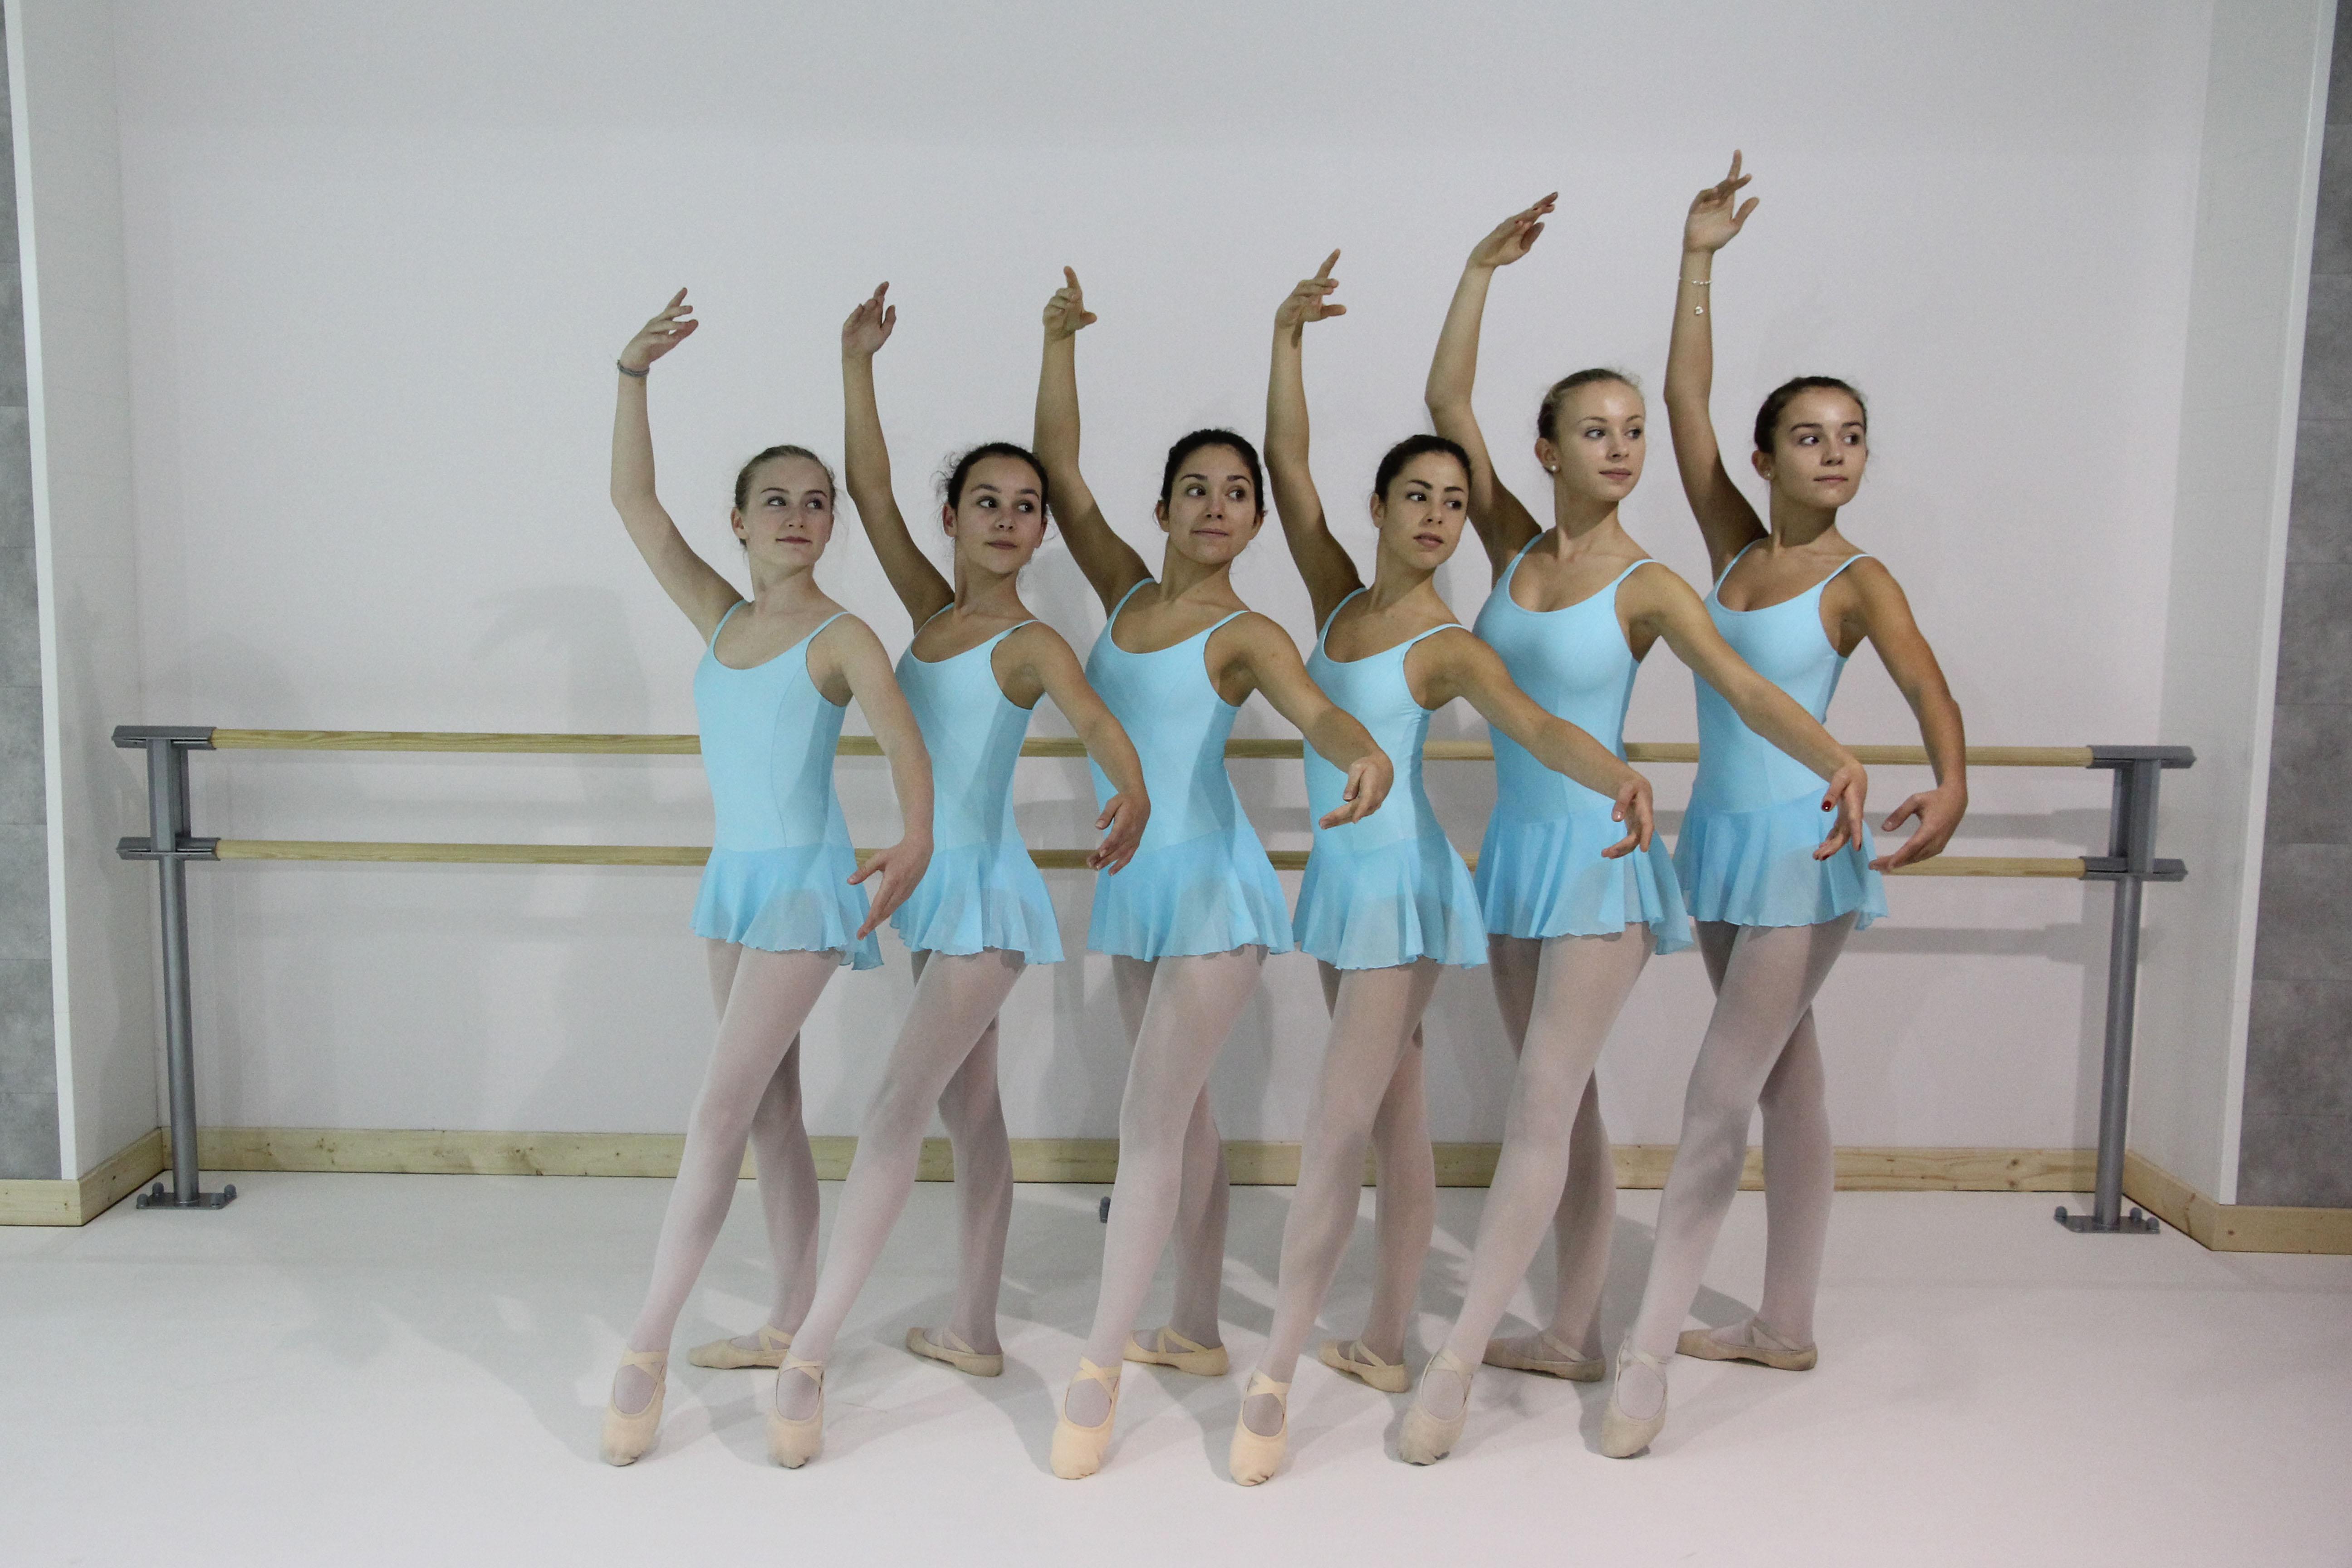 Galerie de la danse espace d di la danse for Exercices barre danse classique